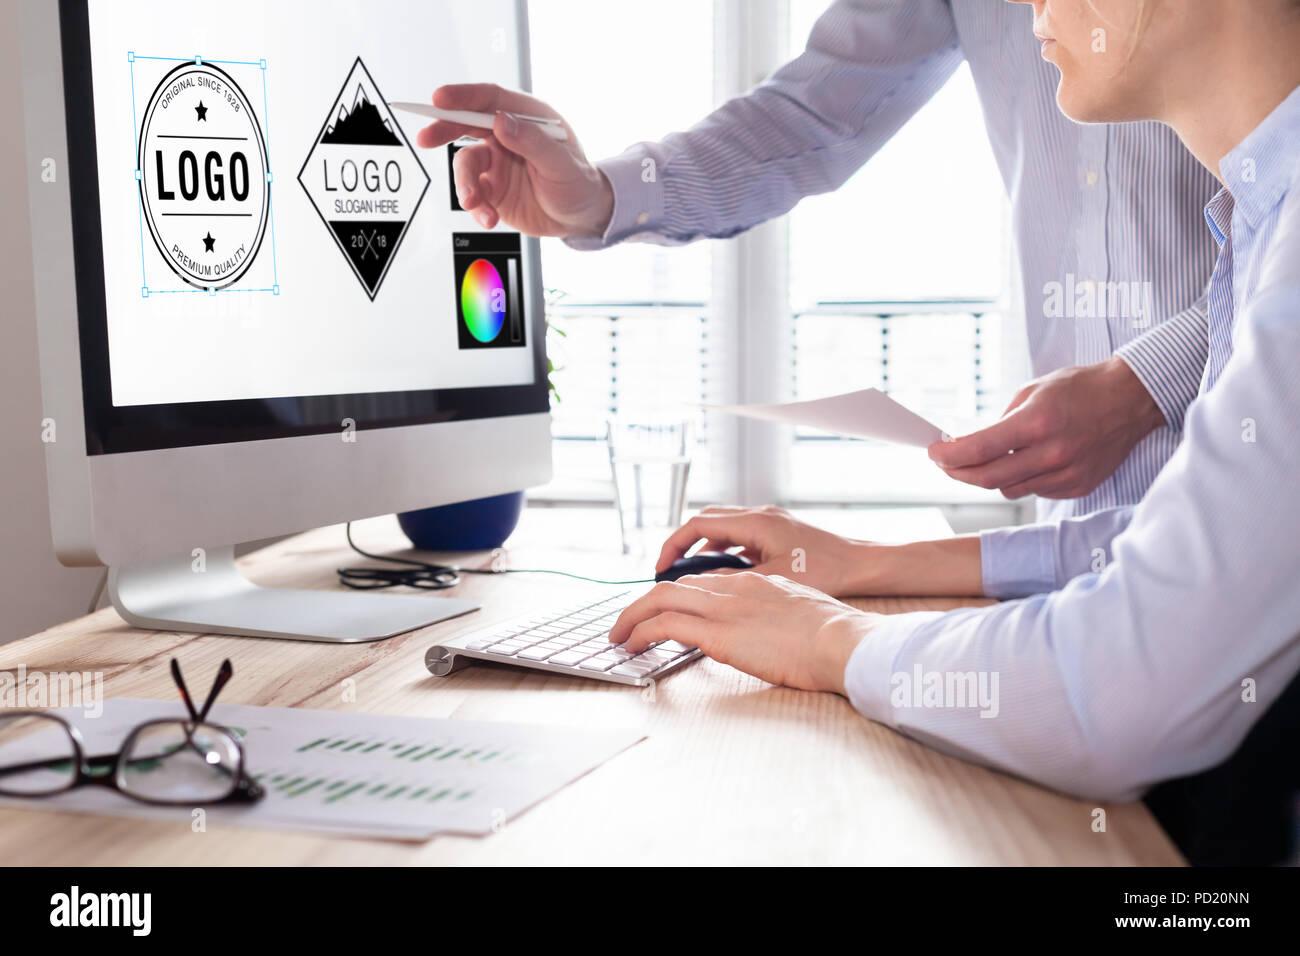 L'ébauche d'une équipe de designer numérique en logo design studio sur ordinateur, creative compétences en dessin pour le marketing et d'image de marque Photo Stock